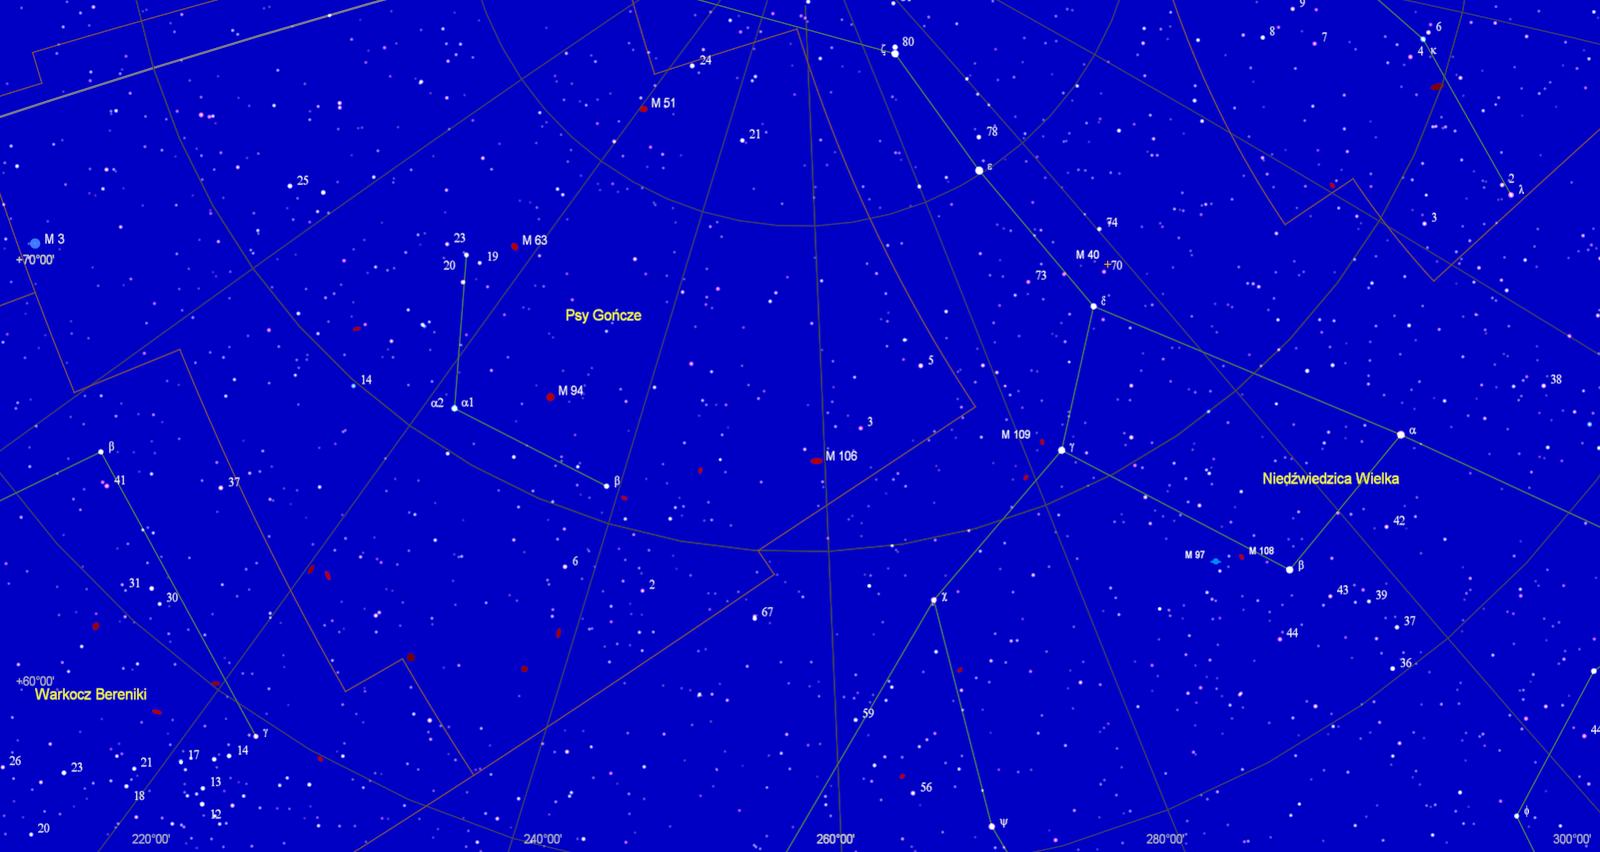 106157544_Map106.thumb.png.efdd41887a19f054e6ac4f8ebc9b531b.png